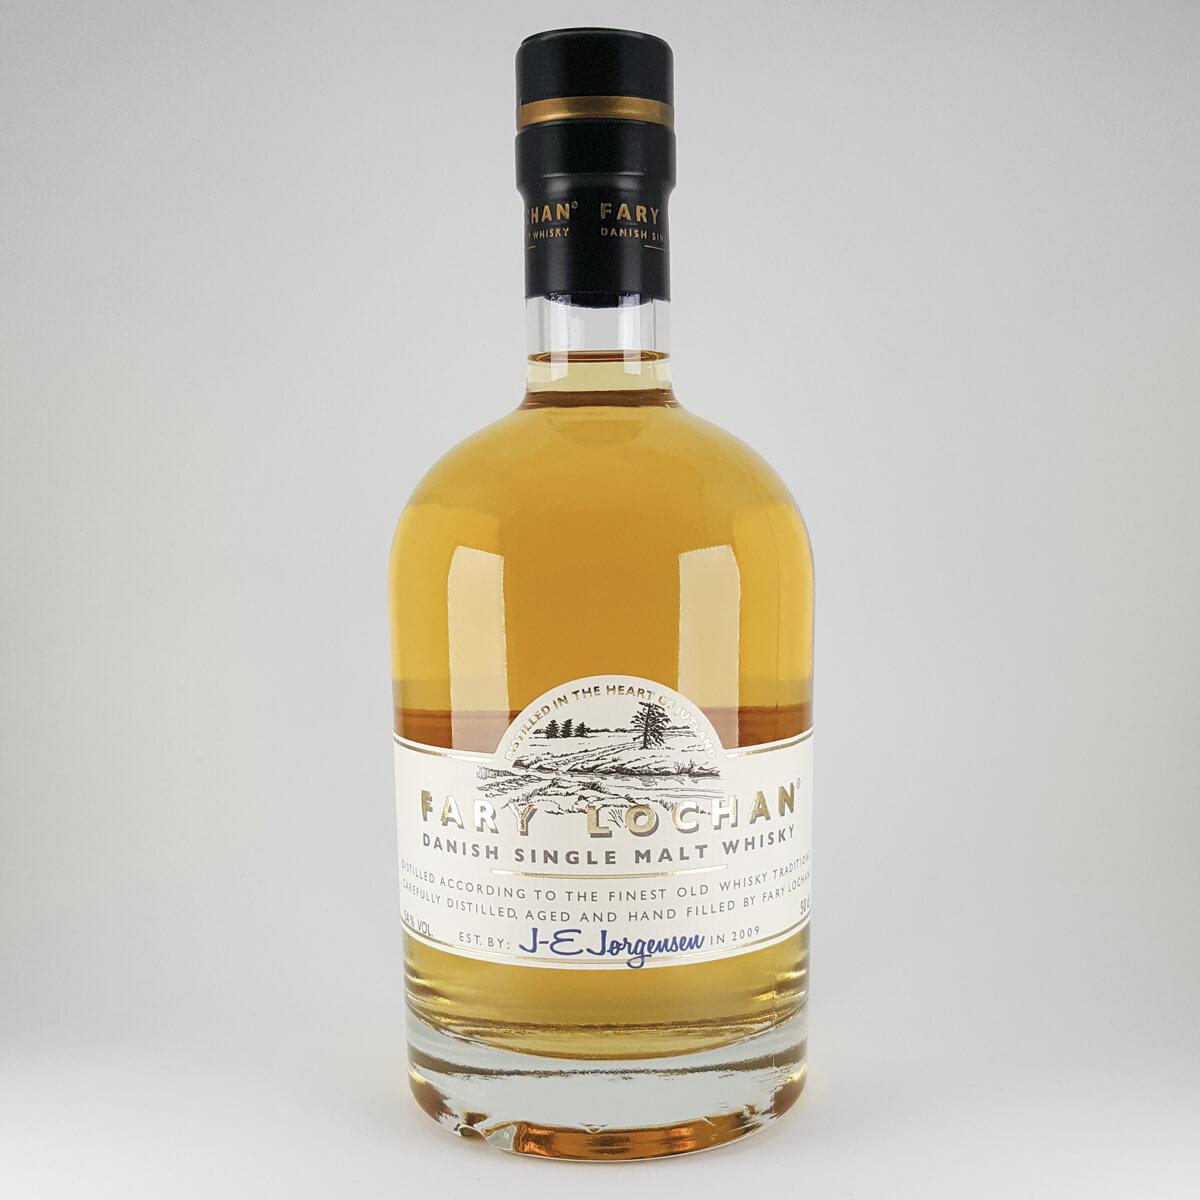 Whisky_Rum_Edition_Batch_02_Fary_Lochan